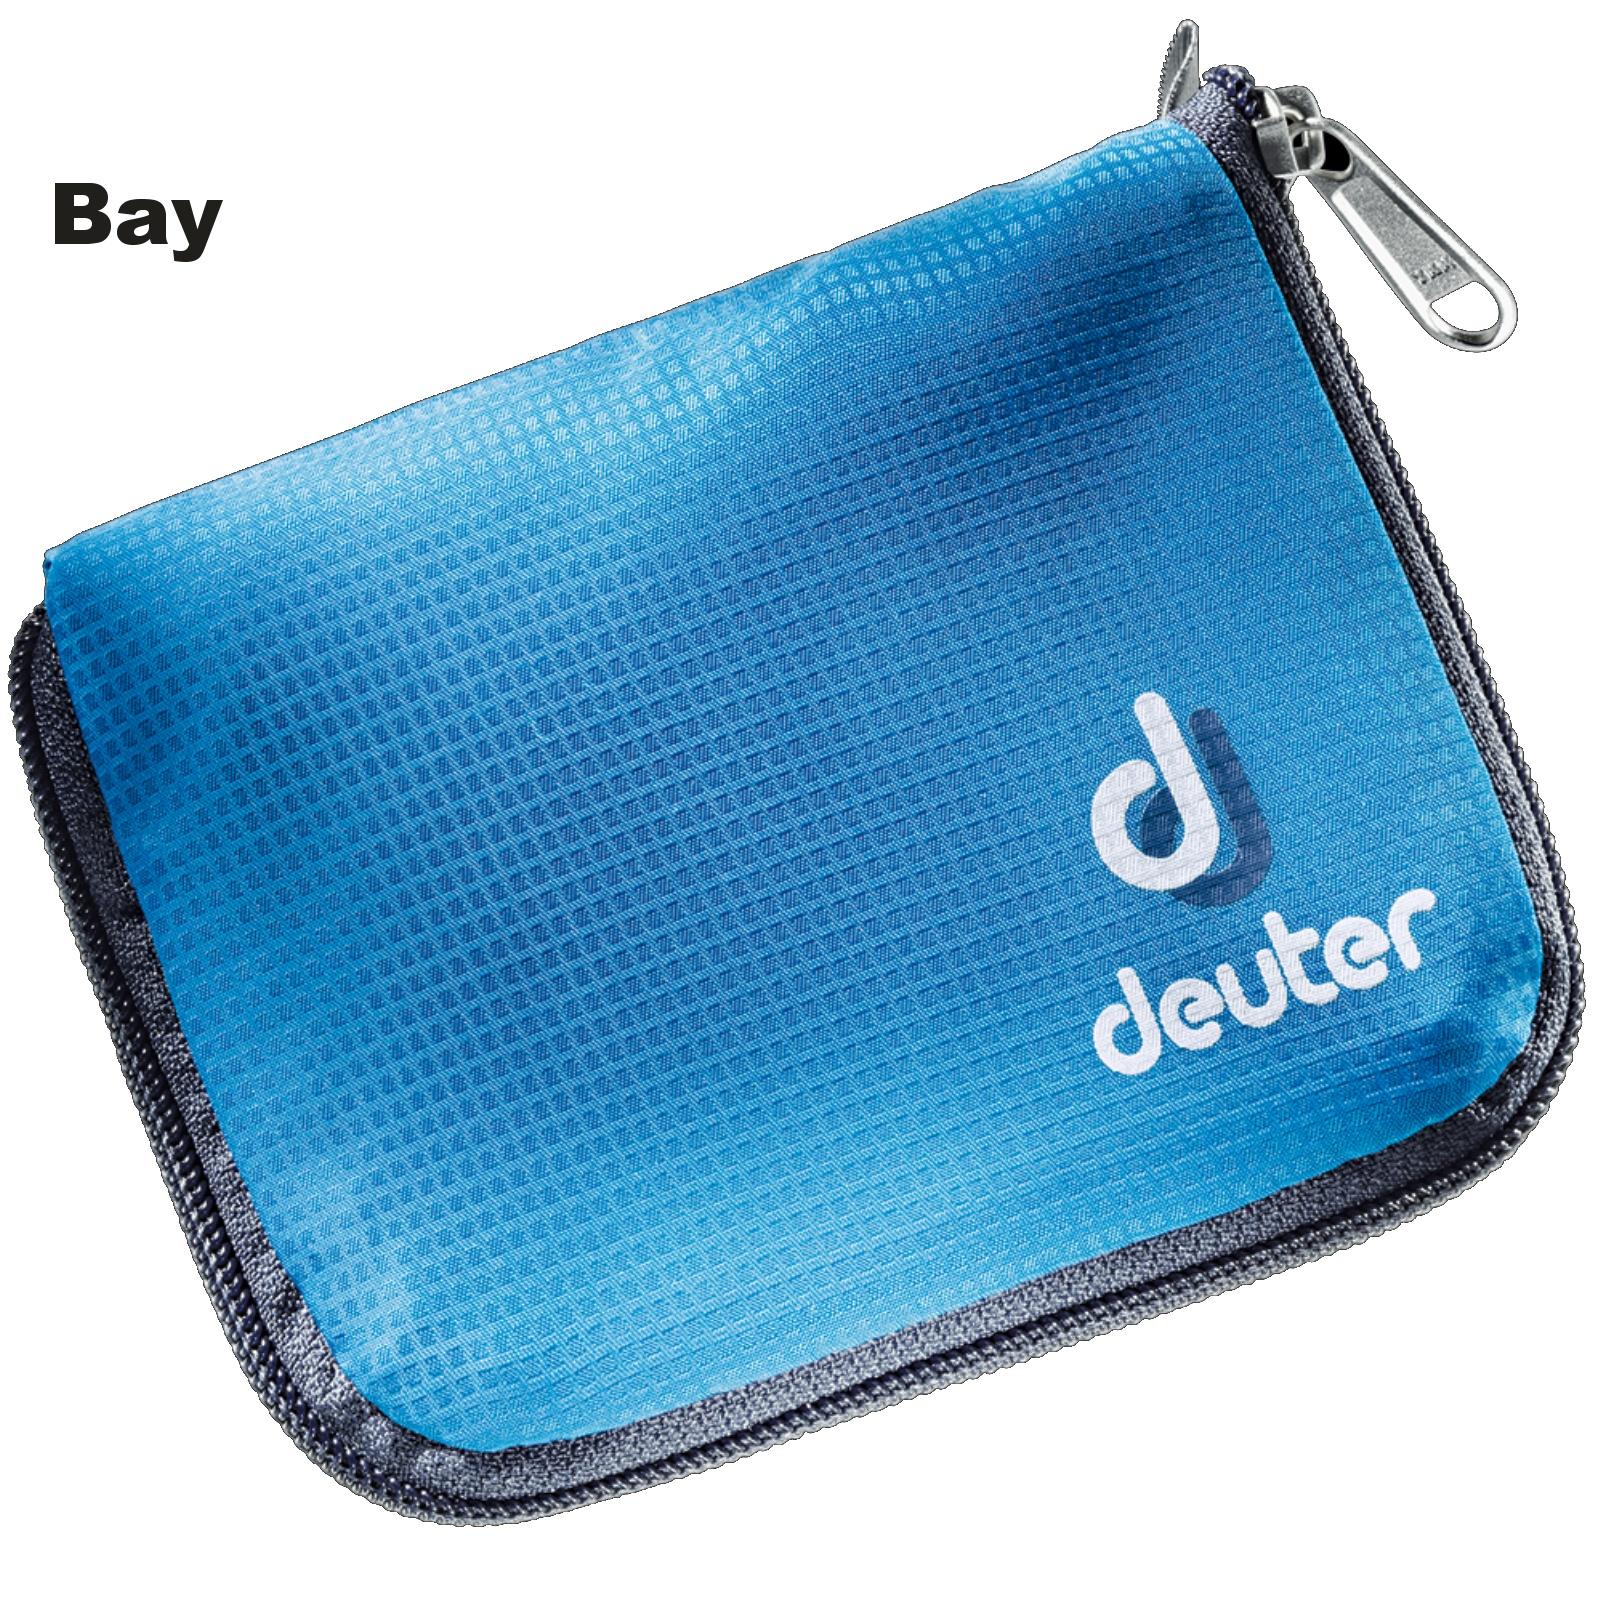 Peněženka DEUTER Zip Wallet - bay